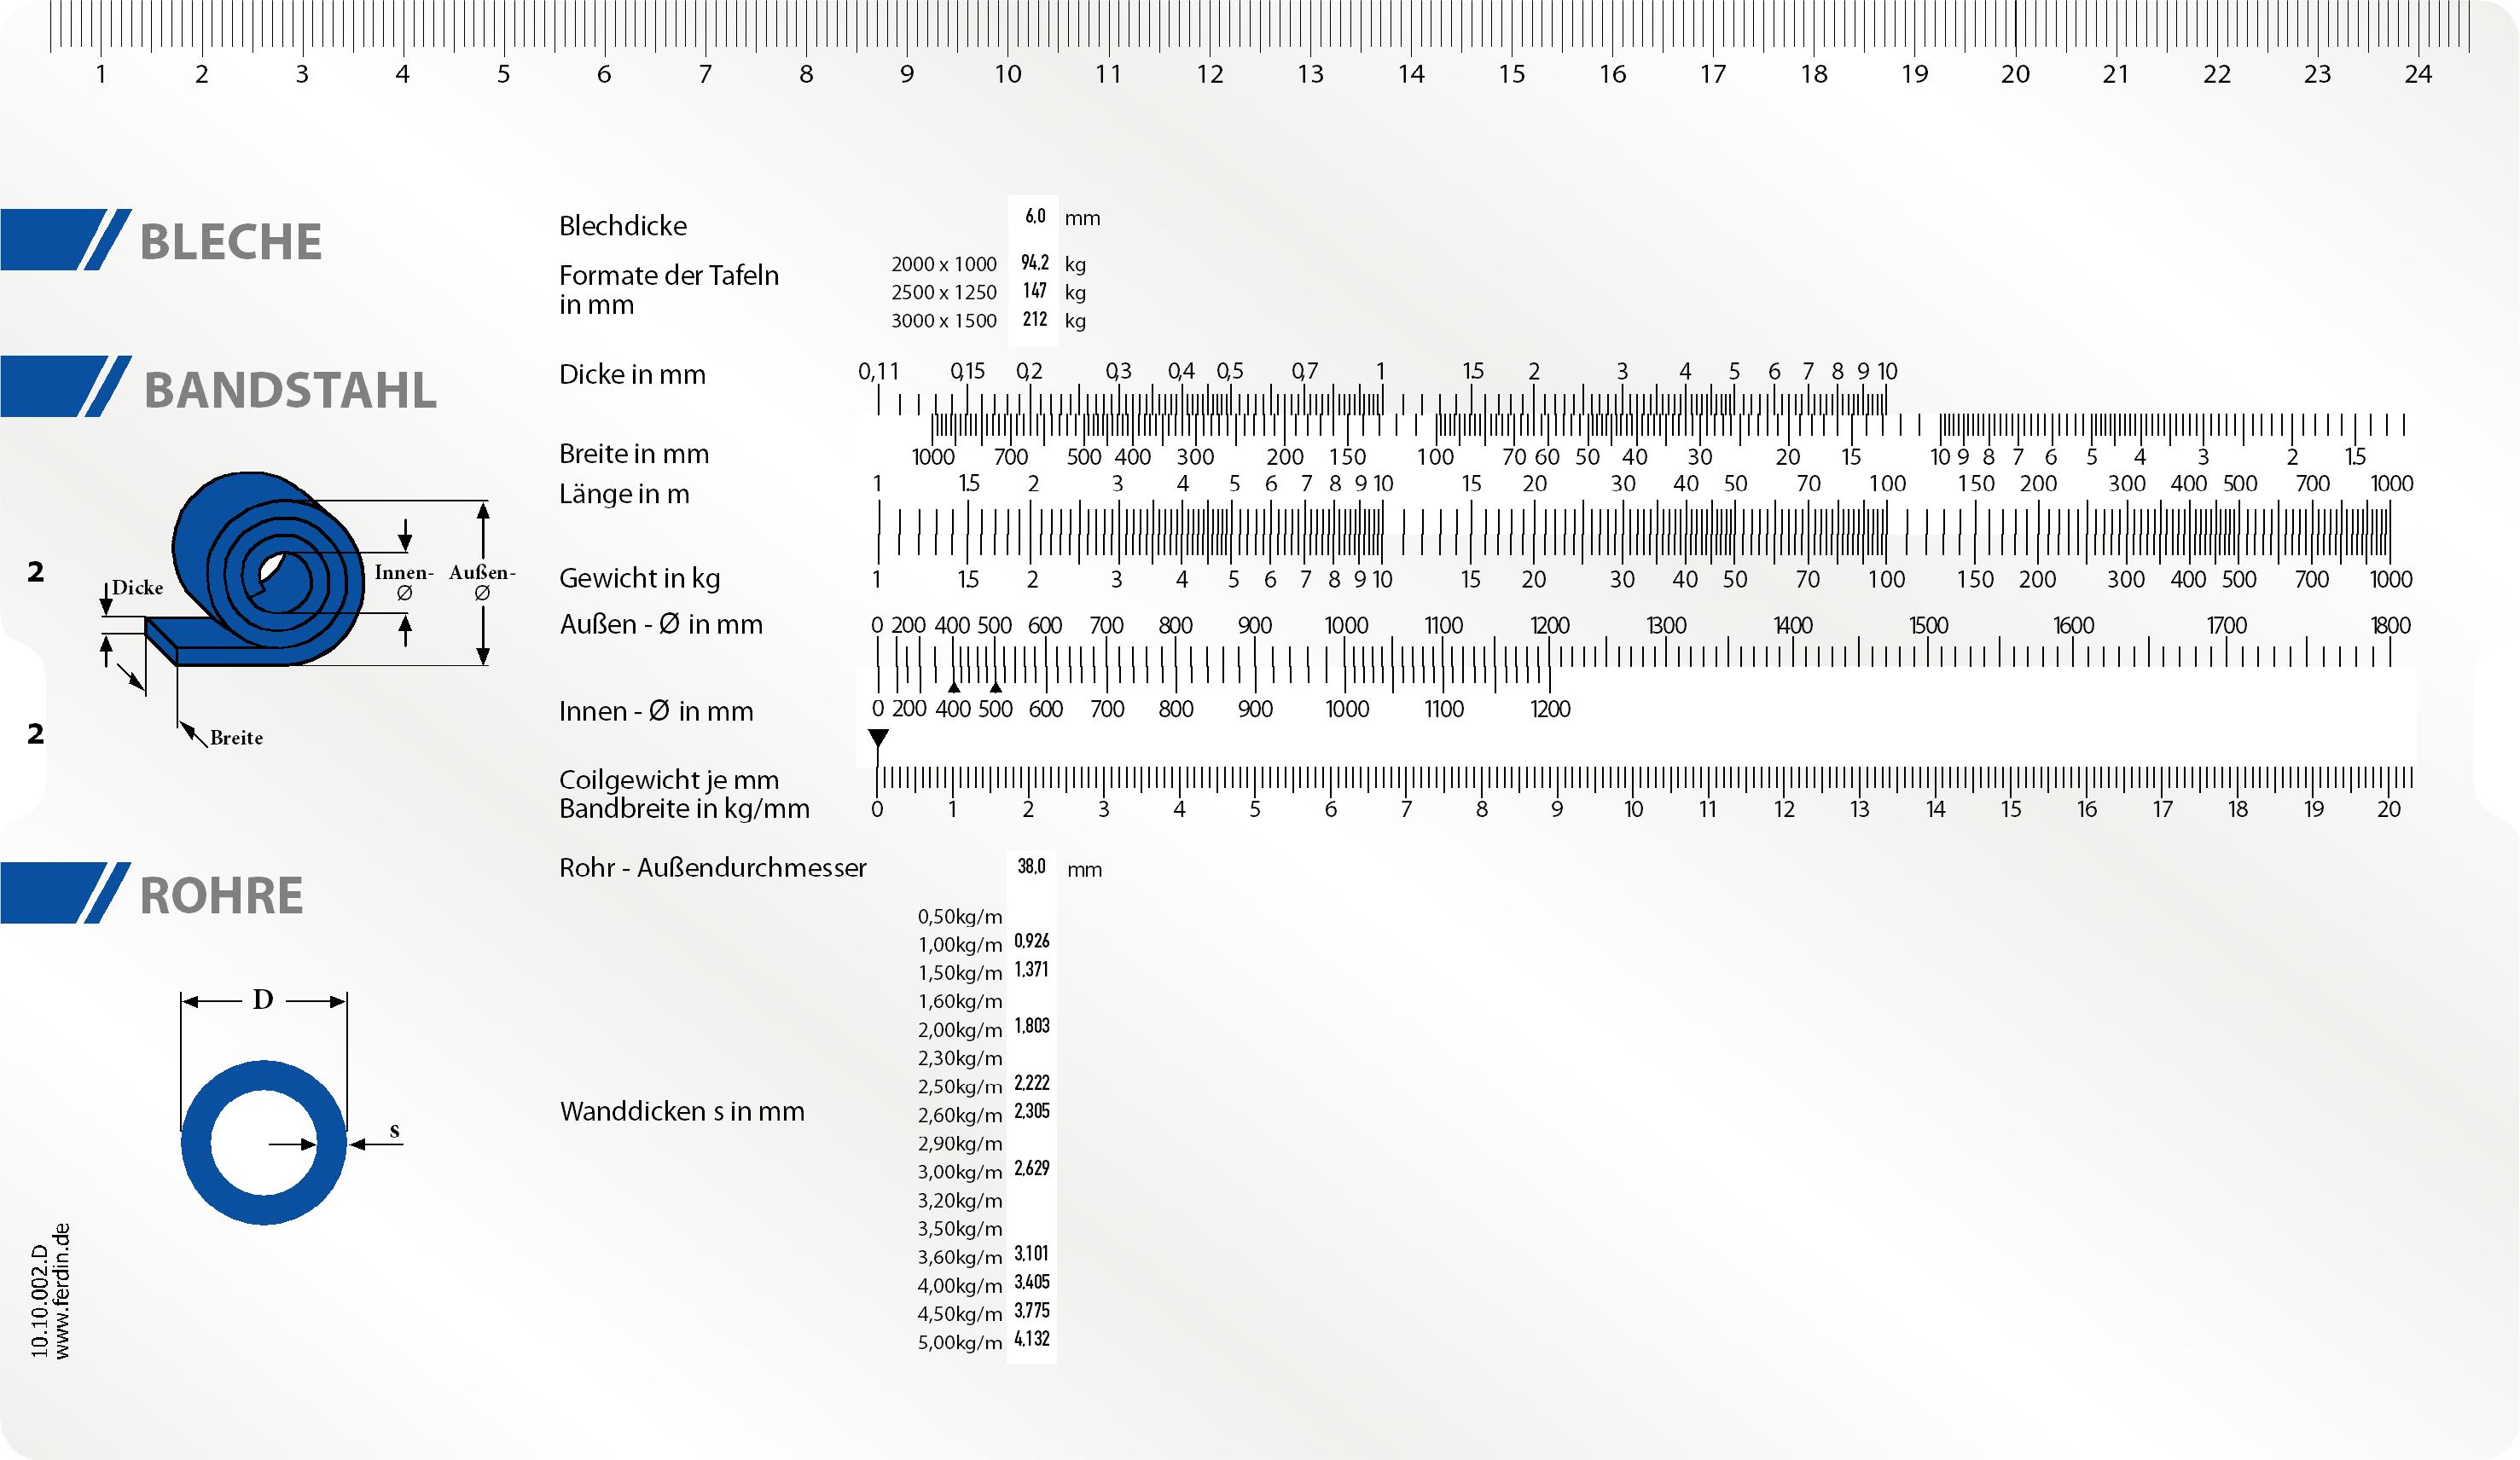 Stab- und Bandstahl Schieber Datenschieber für die Gewichstermittlung von Stahlprofilen Stahlcoils, Bleche, Rohre